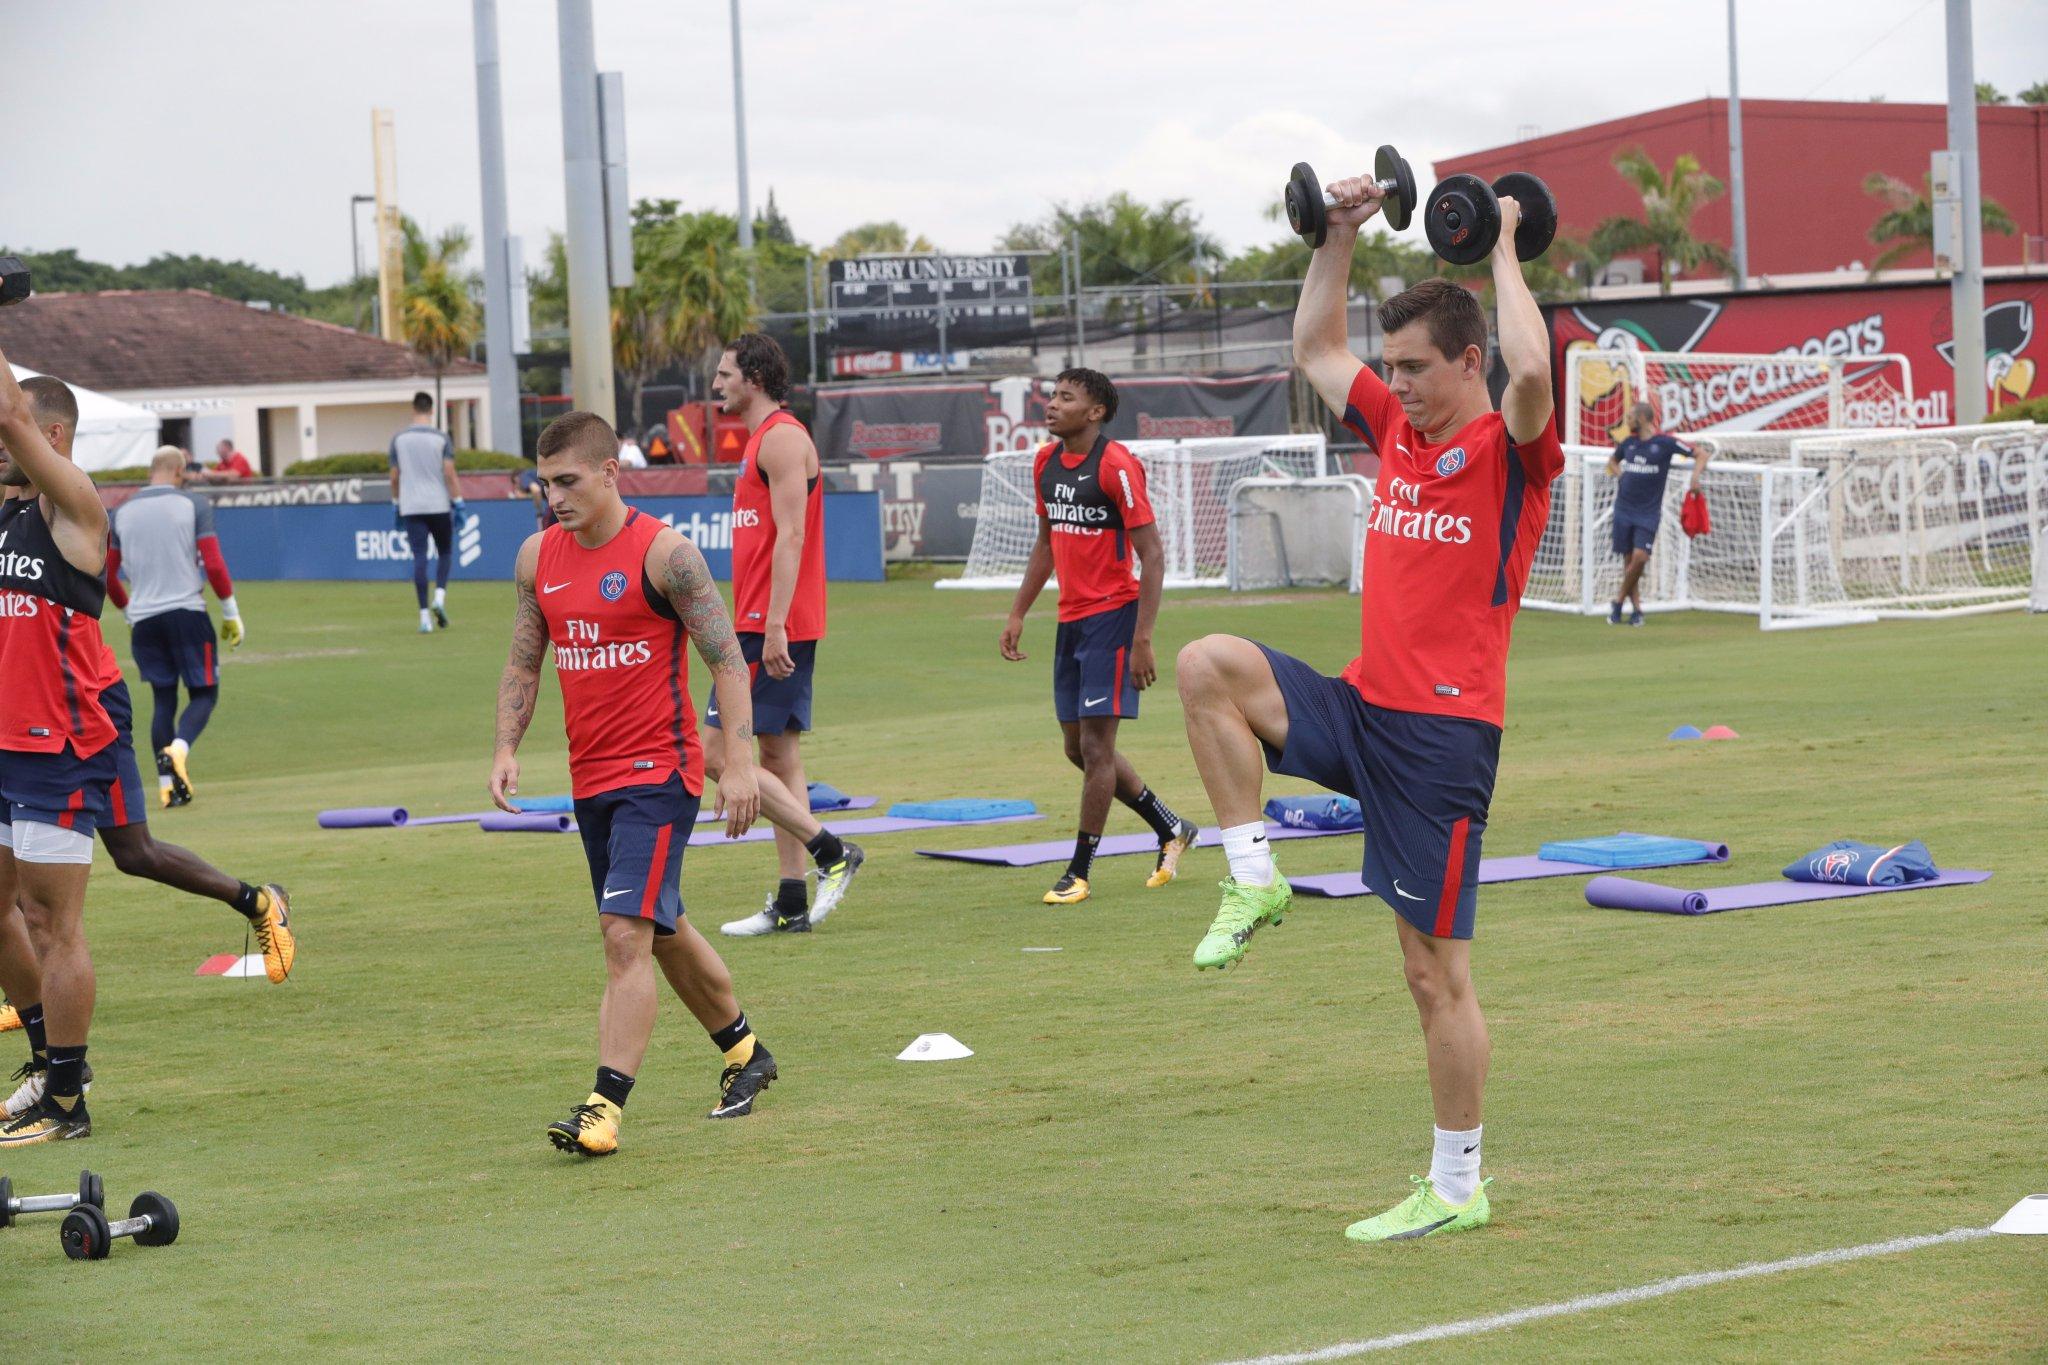 Les images du PSG ce dimanche : début du séjour et de l'entraînement aux USA !